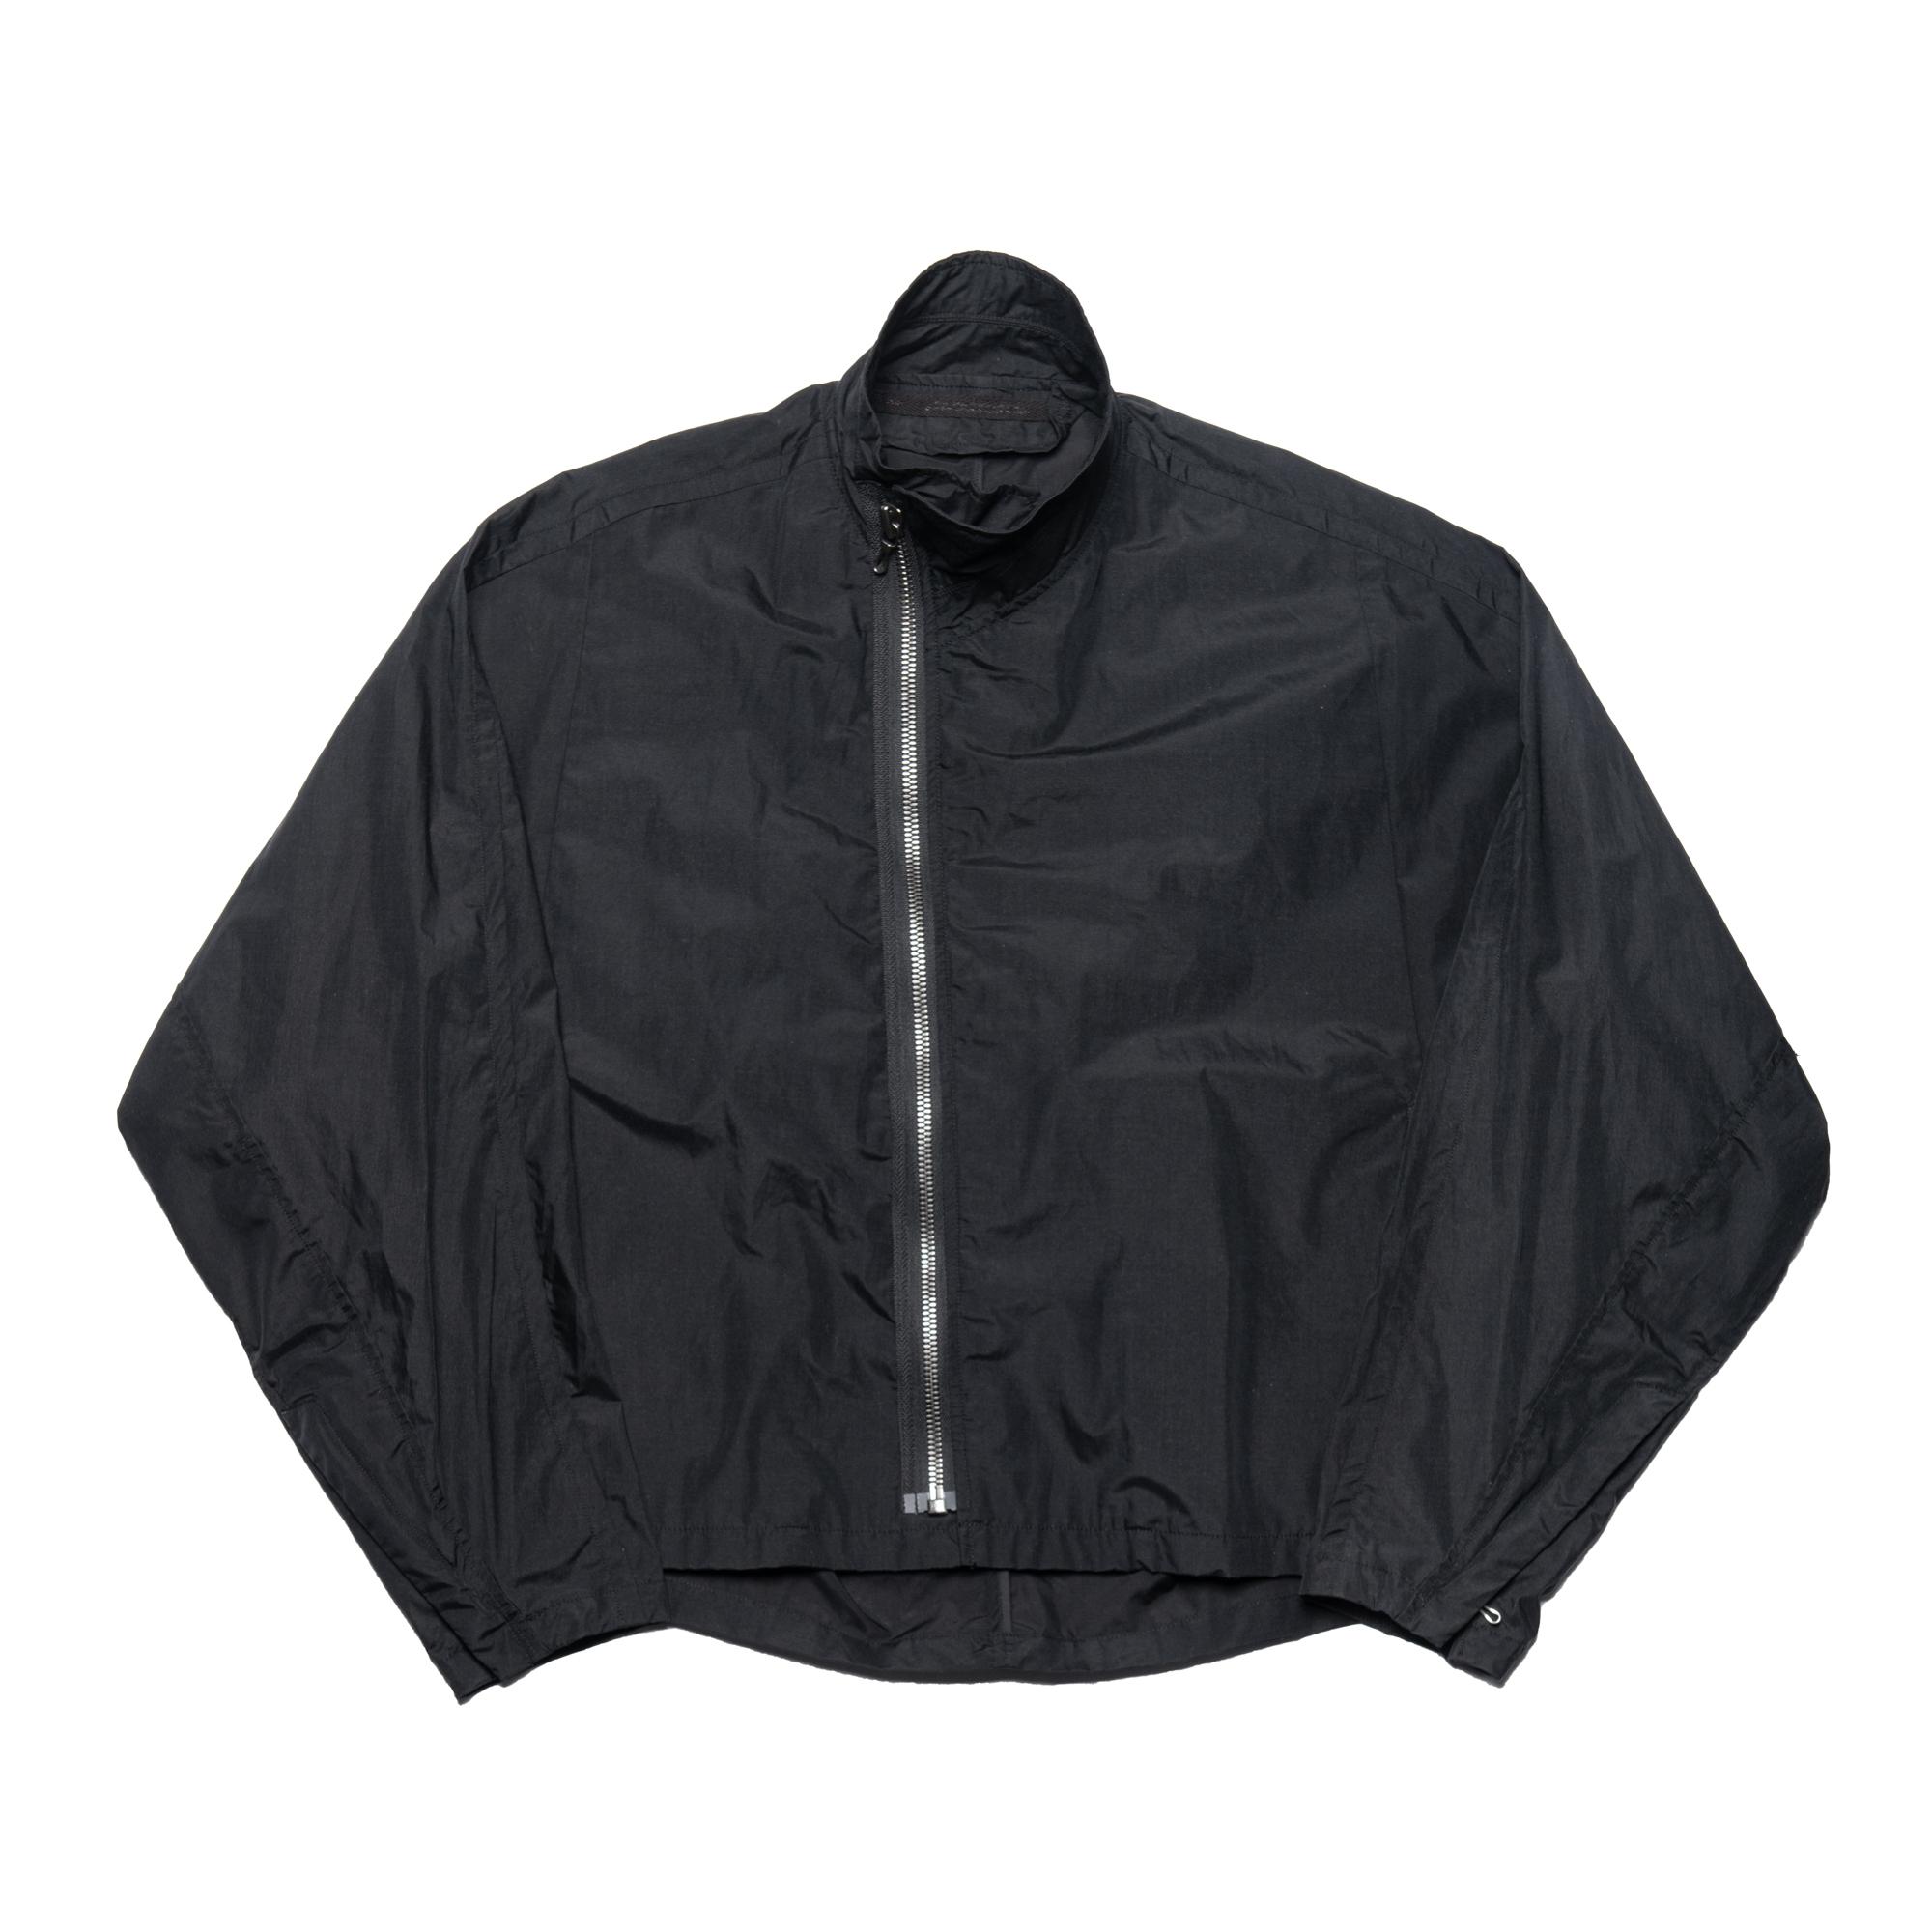 657BLM16-BLACK / カバードネックジャケット